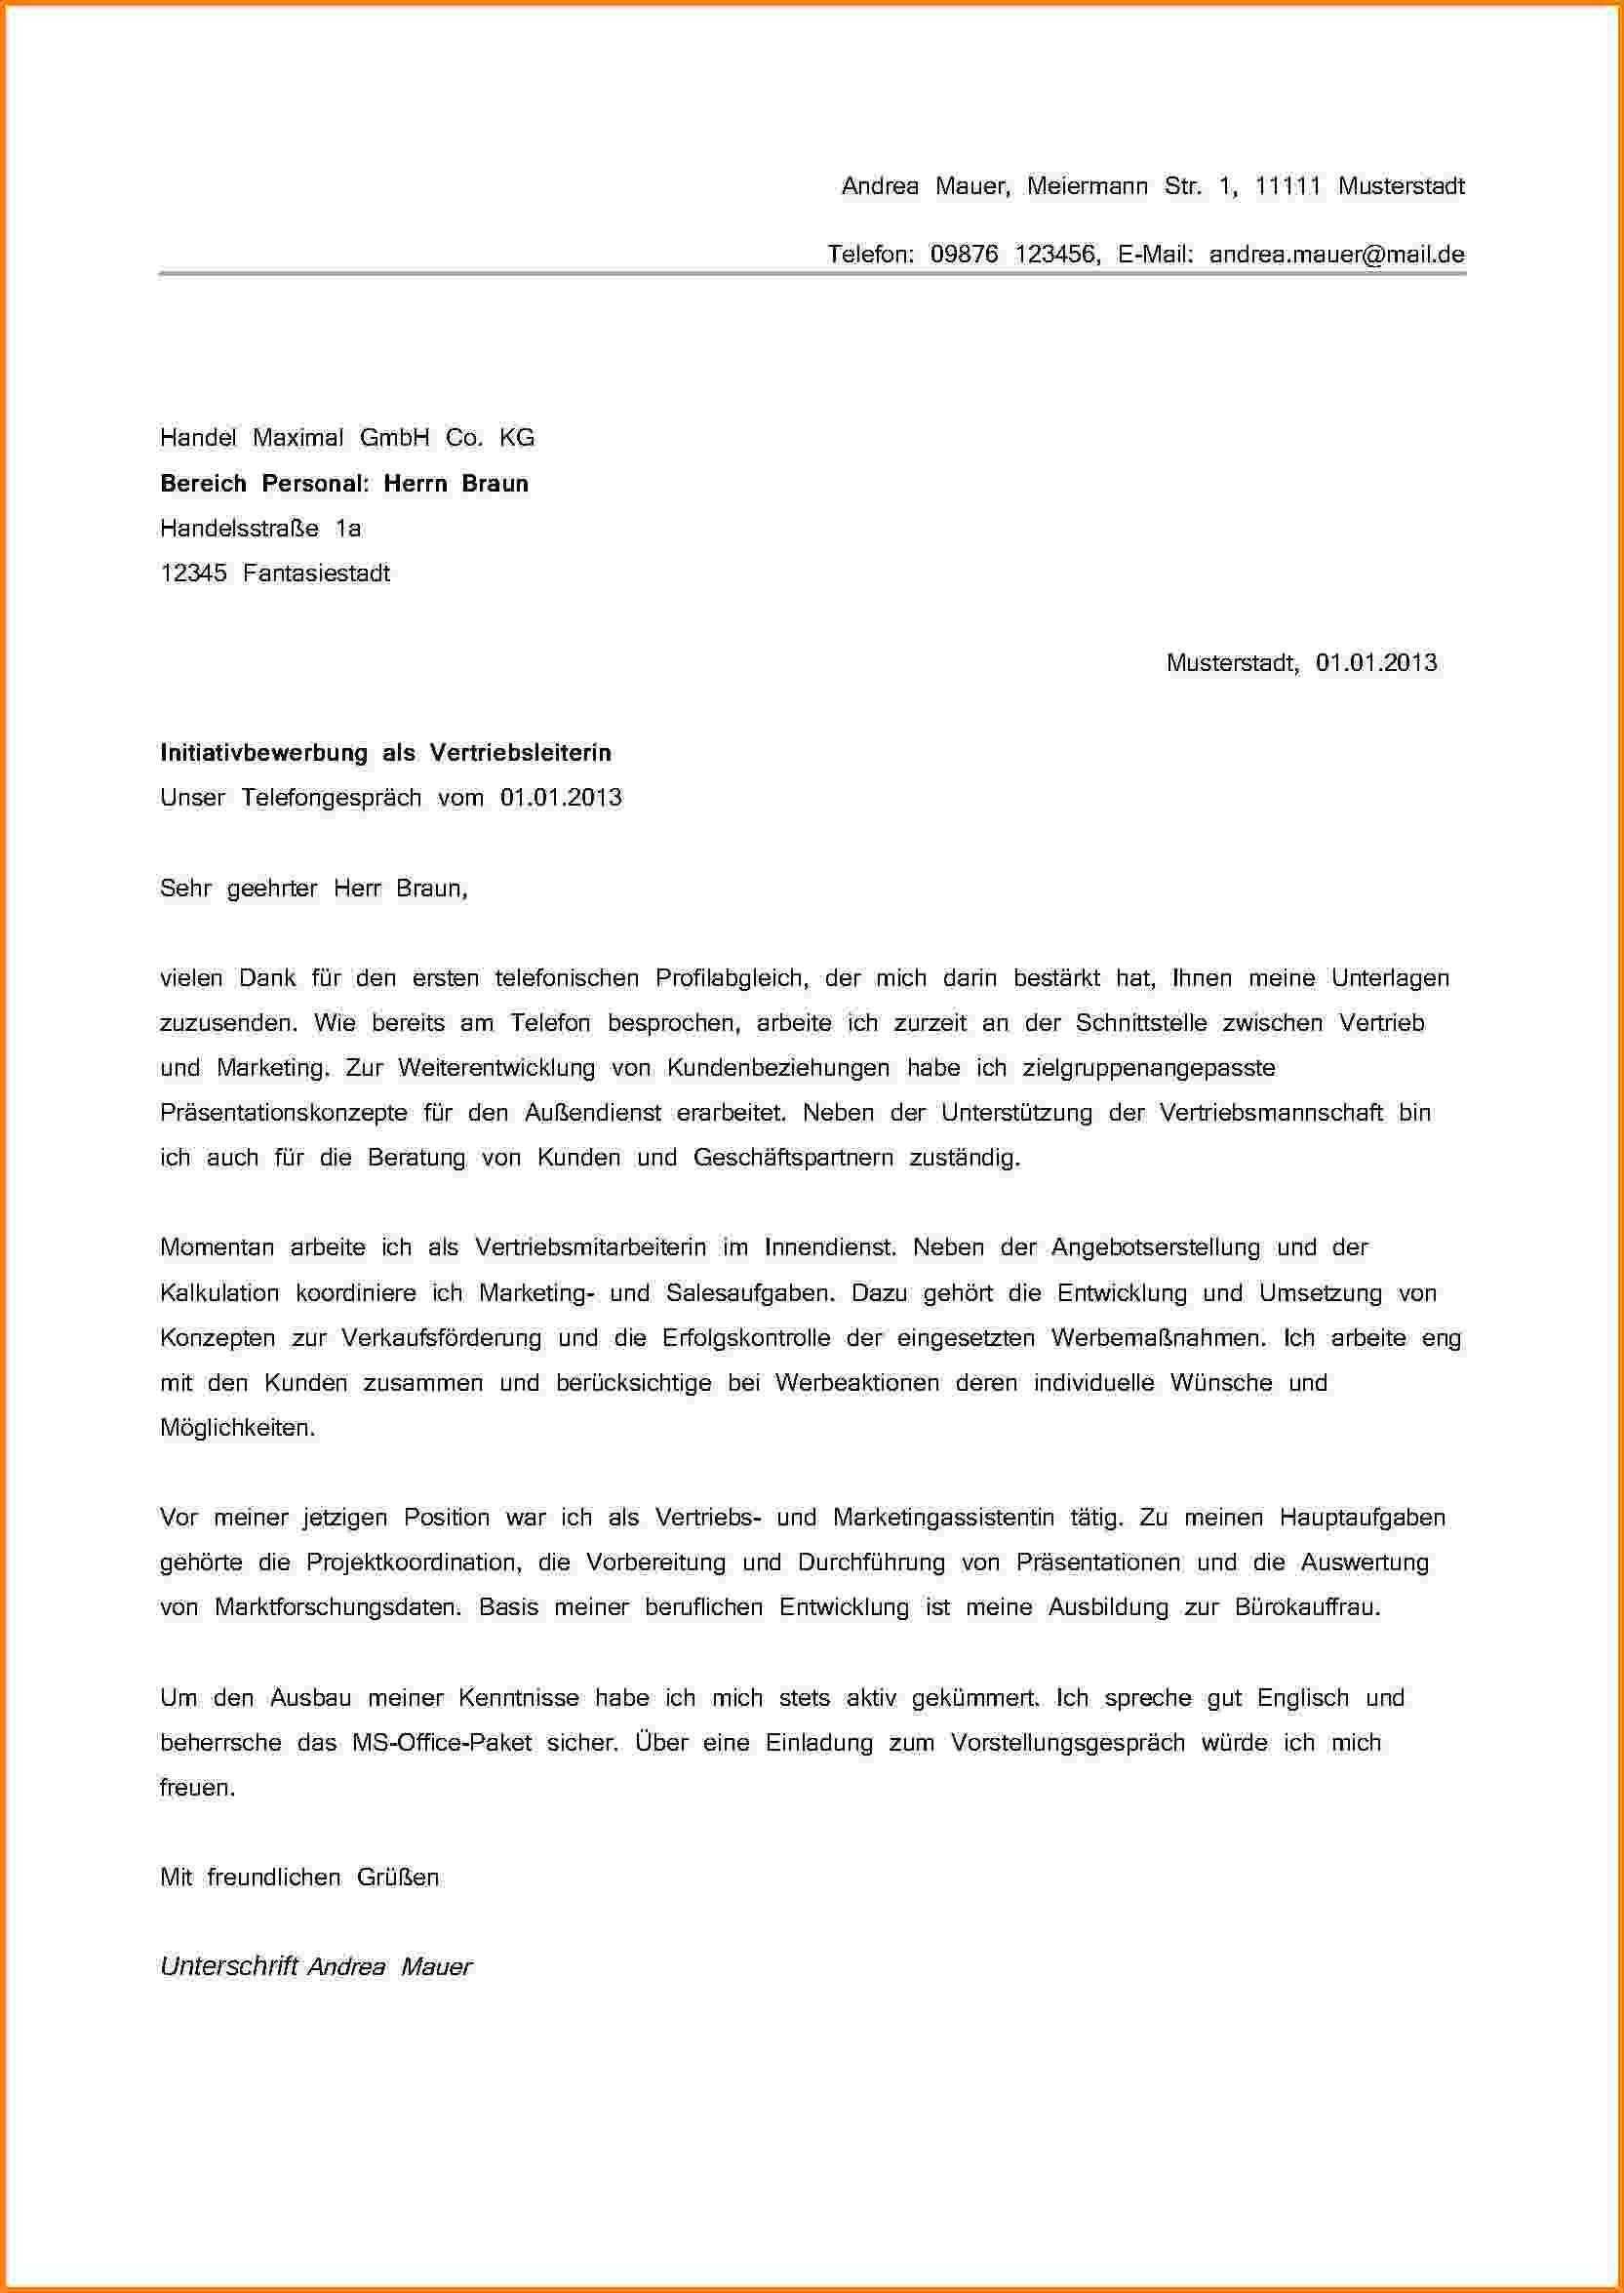 Einzigartig Bewerbung Dachdecker Briefprobe Briefformat Briefvorlage Empfehlungsschreiben Lebenslauf Lebenslauf Muster